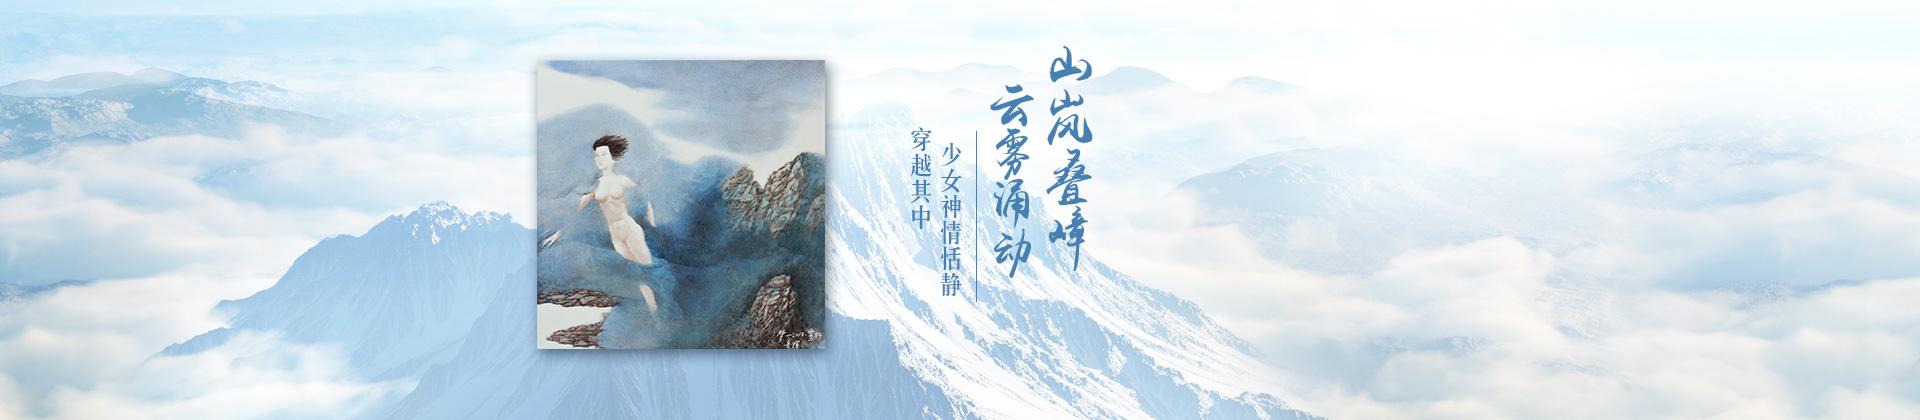 《梦-2013雾行》粉彩装饰瓷板/张景辉